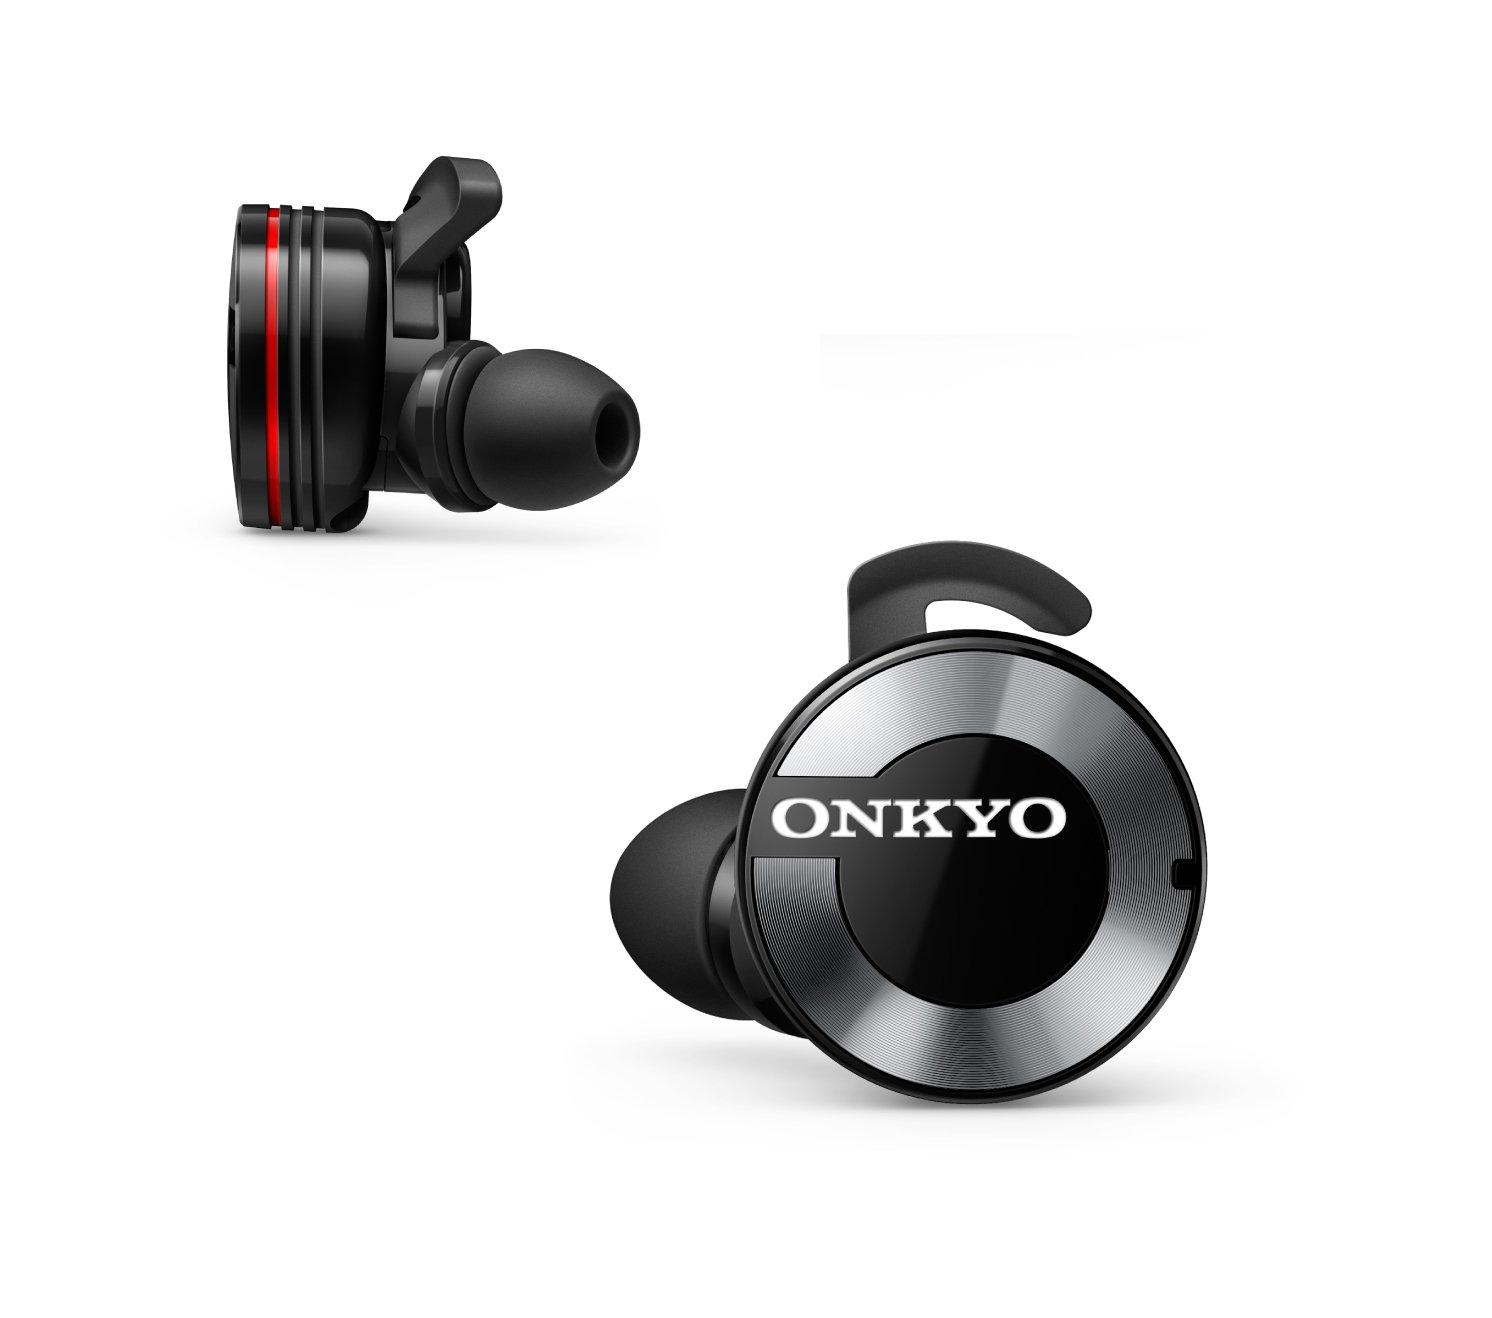 Onkyo completo inalámbrico auriculares w800btb (negro) (Japón Nacional Modelo): Amazon.es: Electrónica